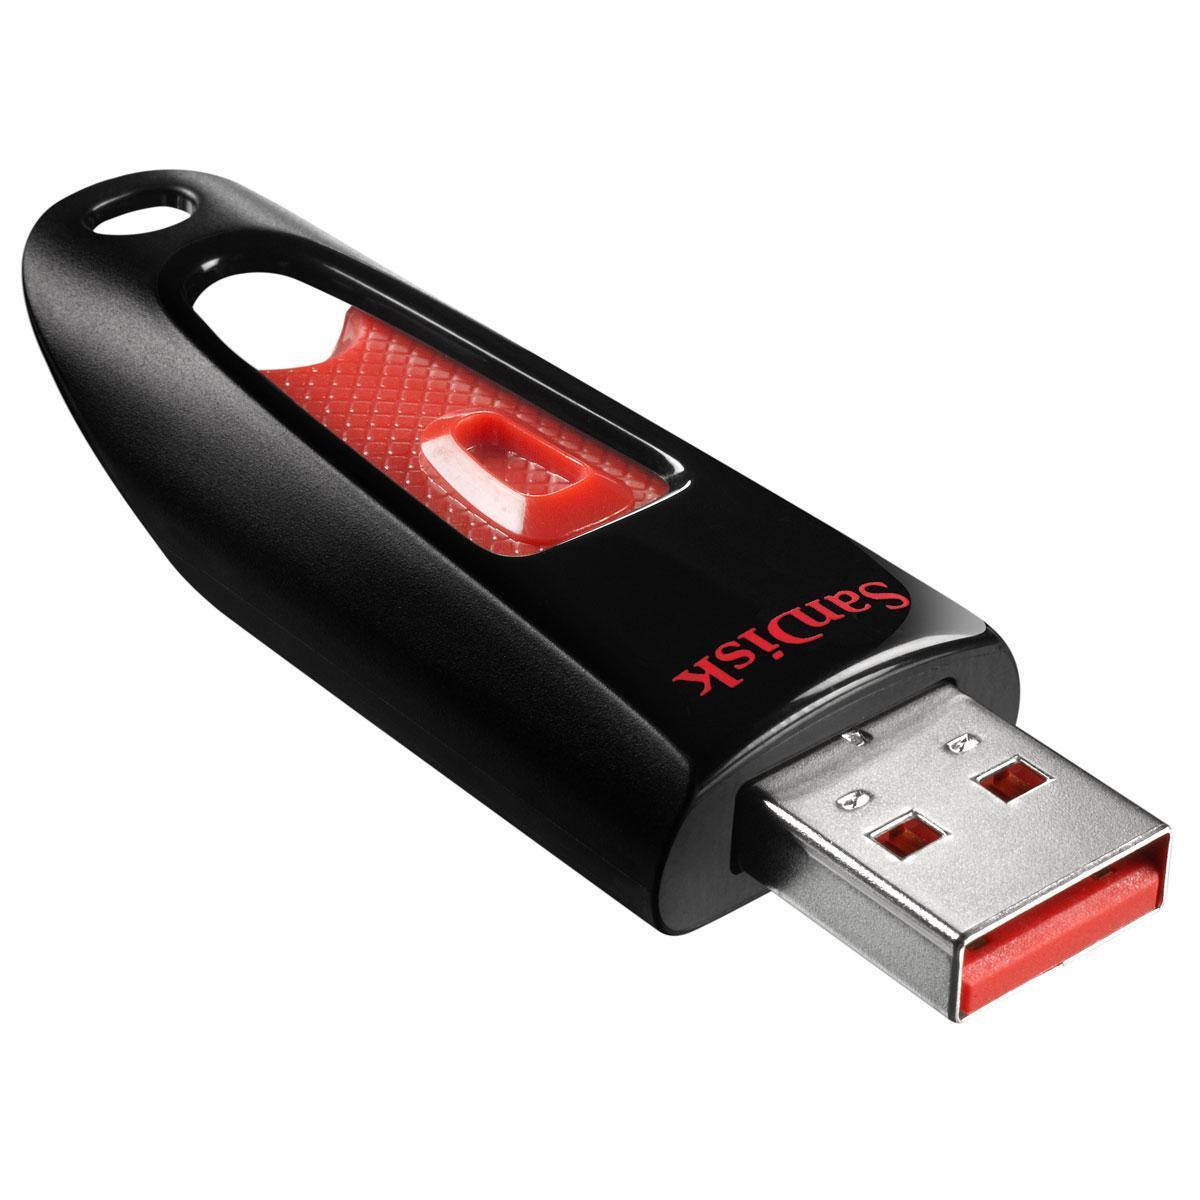 SanDisk Ultra 16 Go